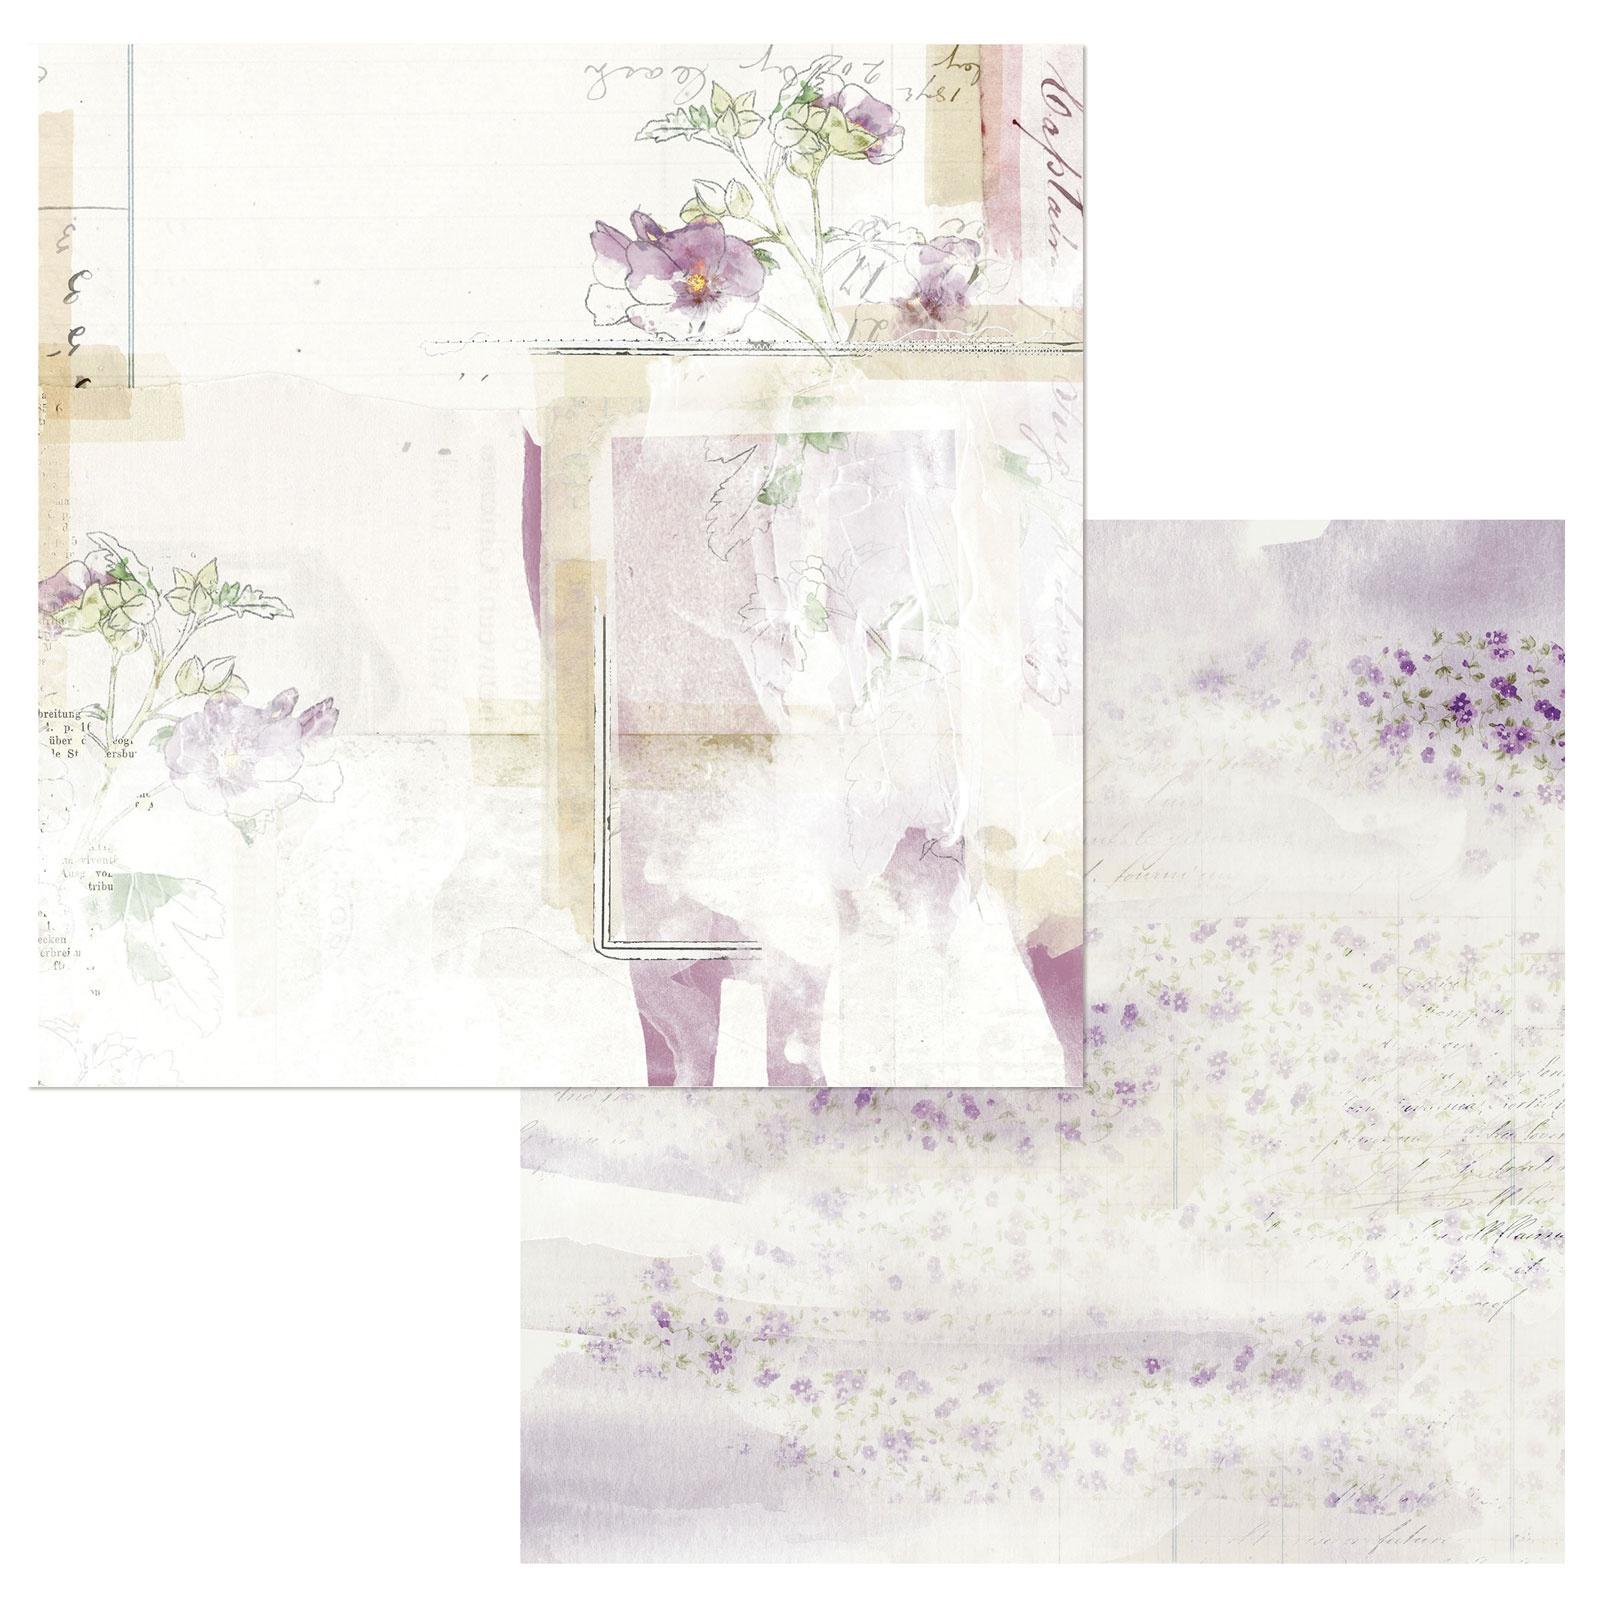 Vintage Artistry in Lilac - Ingenue